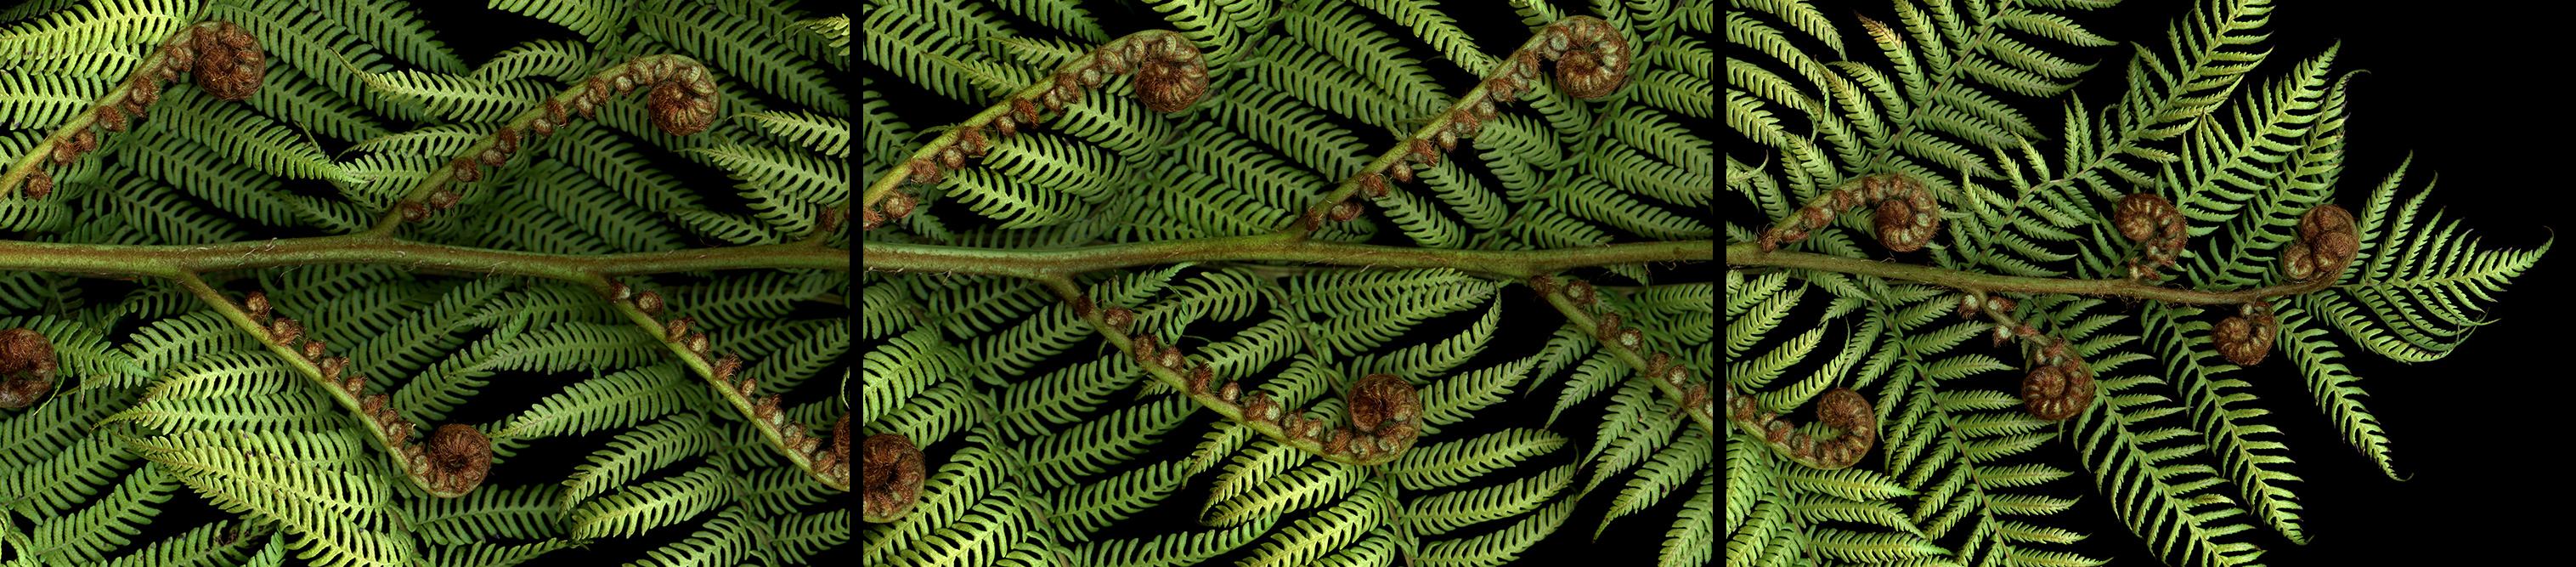 giant fern I II III